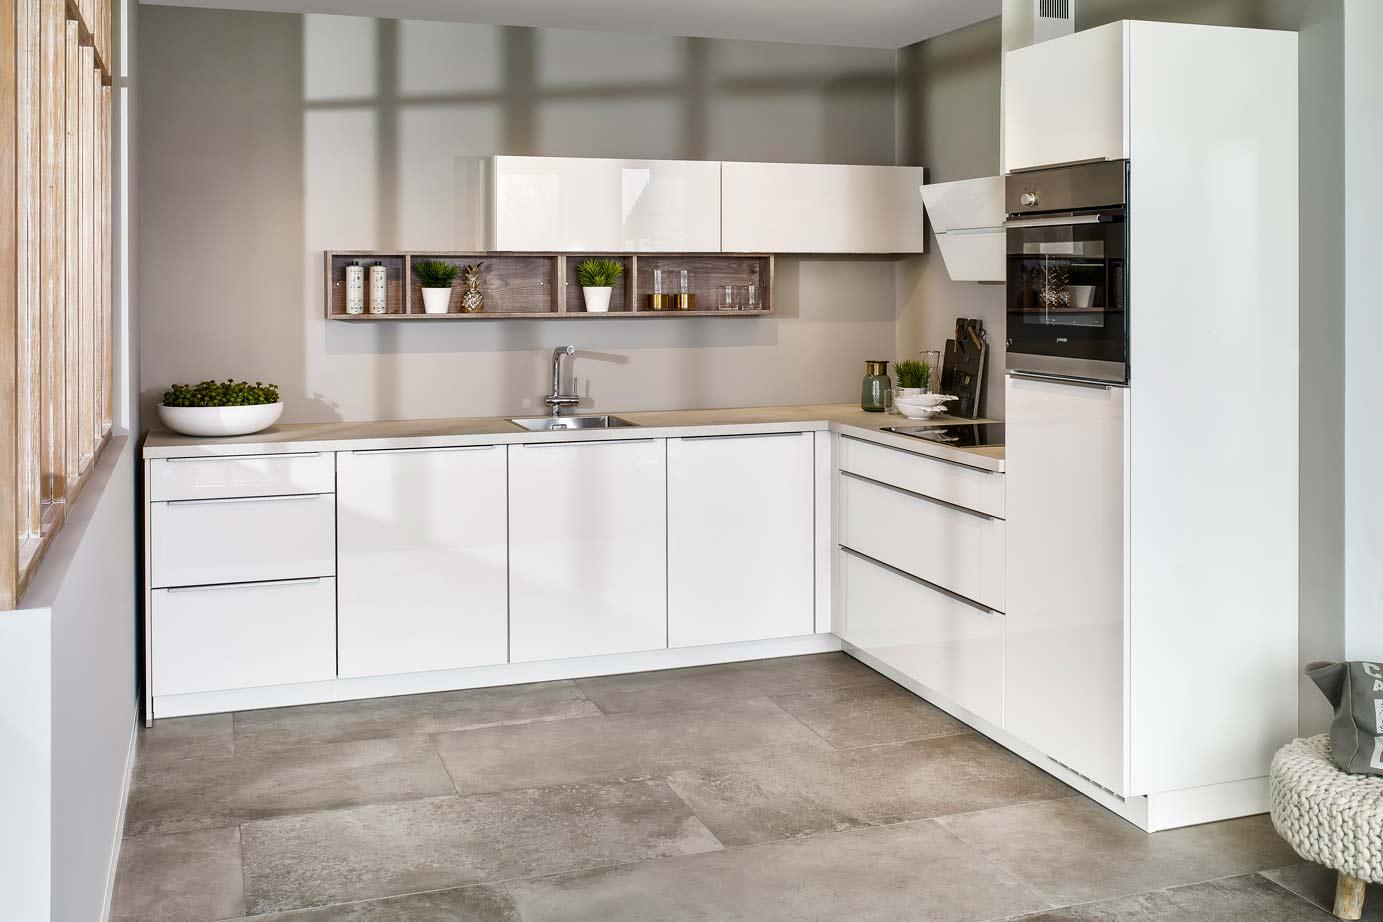 Hoogglans Wit Keuken : Hoogglans keuken bekijk voorbeelden ook in wit db keukens